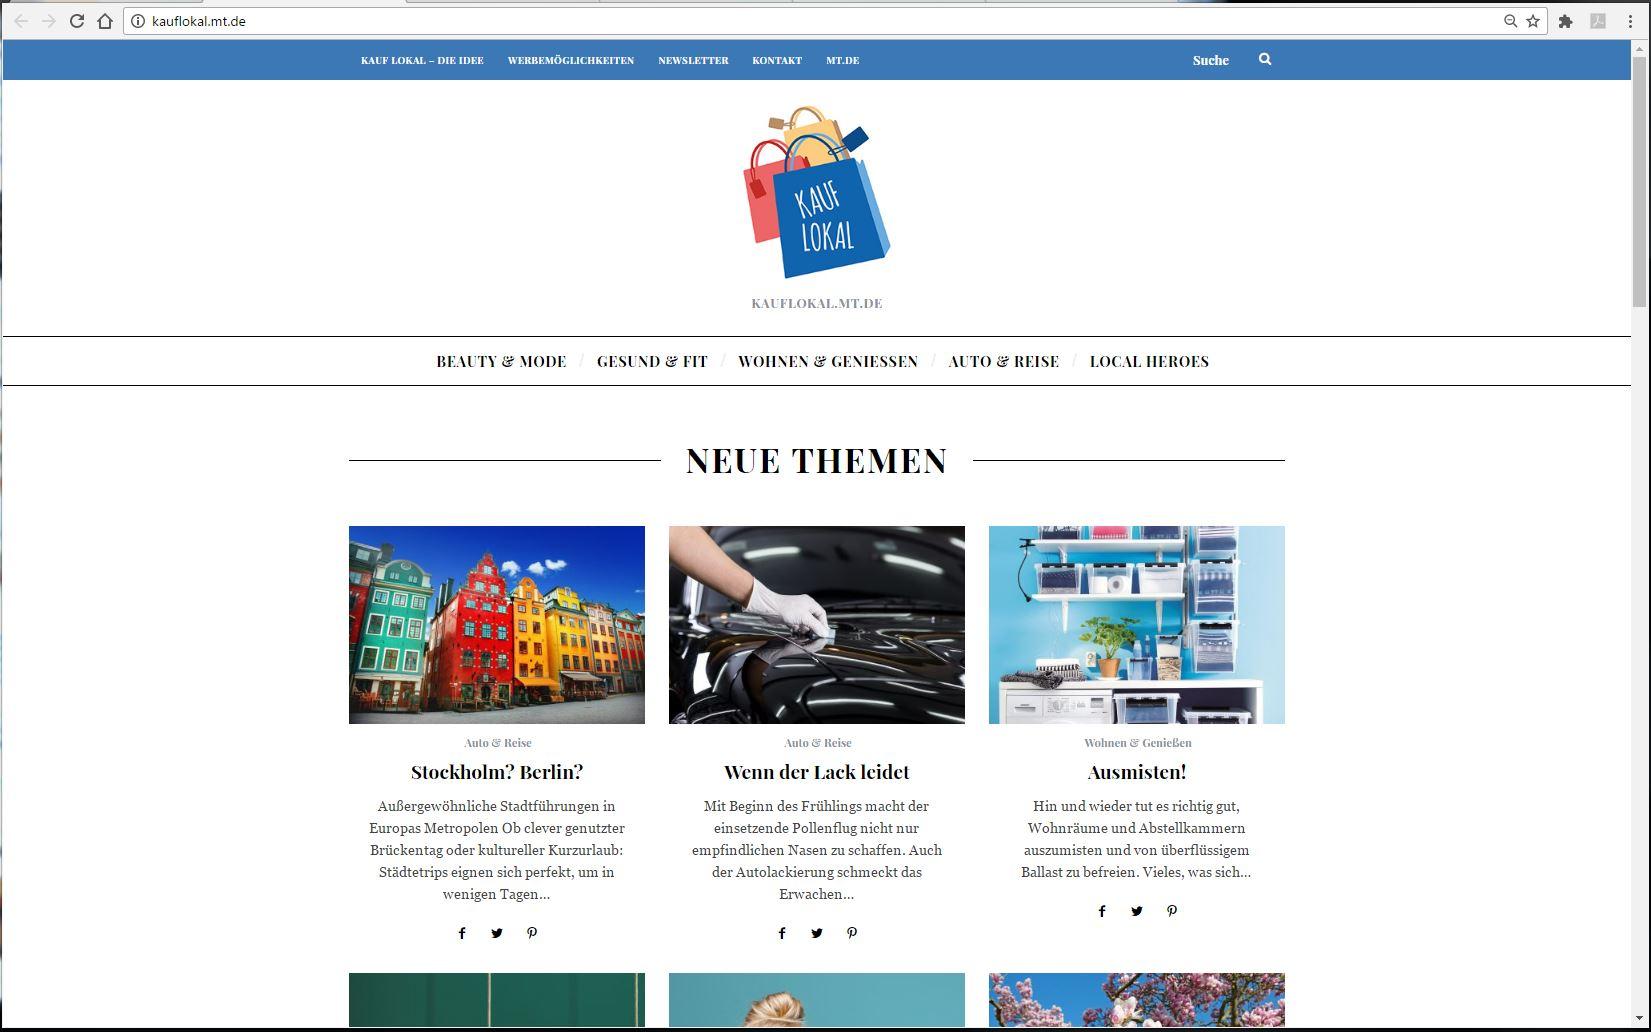 """Neuer MT-Lifestyle-Blog """"kauf lokal!"""" bringt trendige Themen ..."""